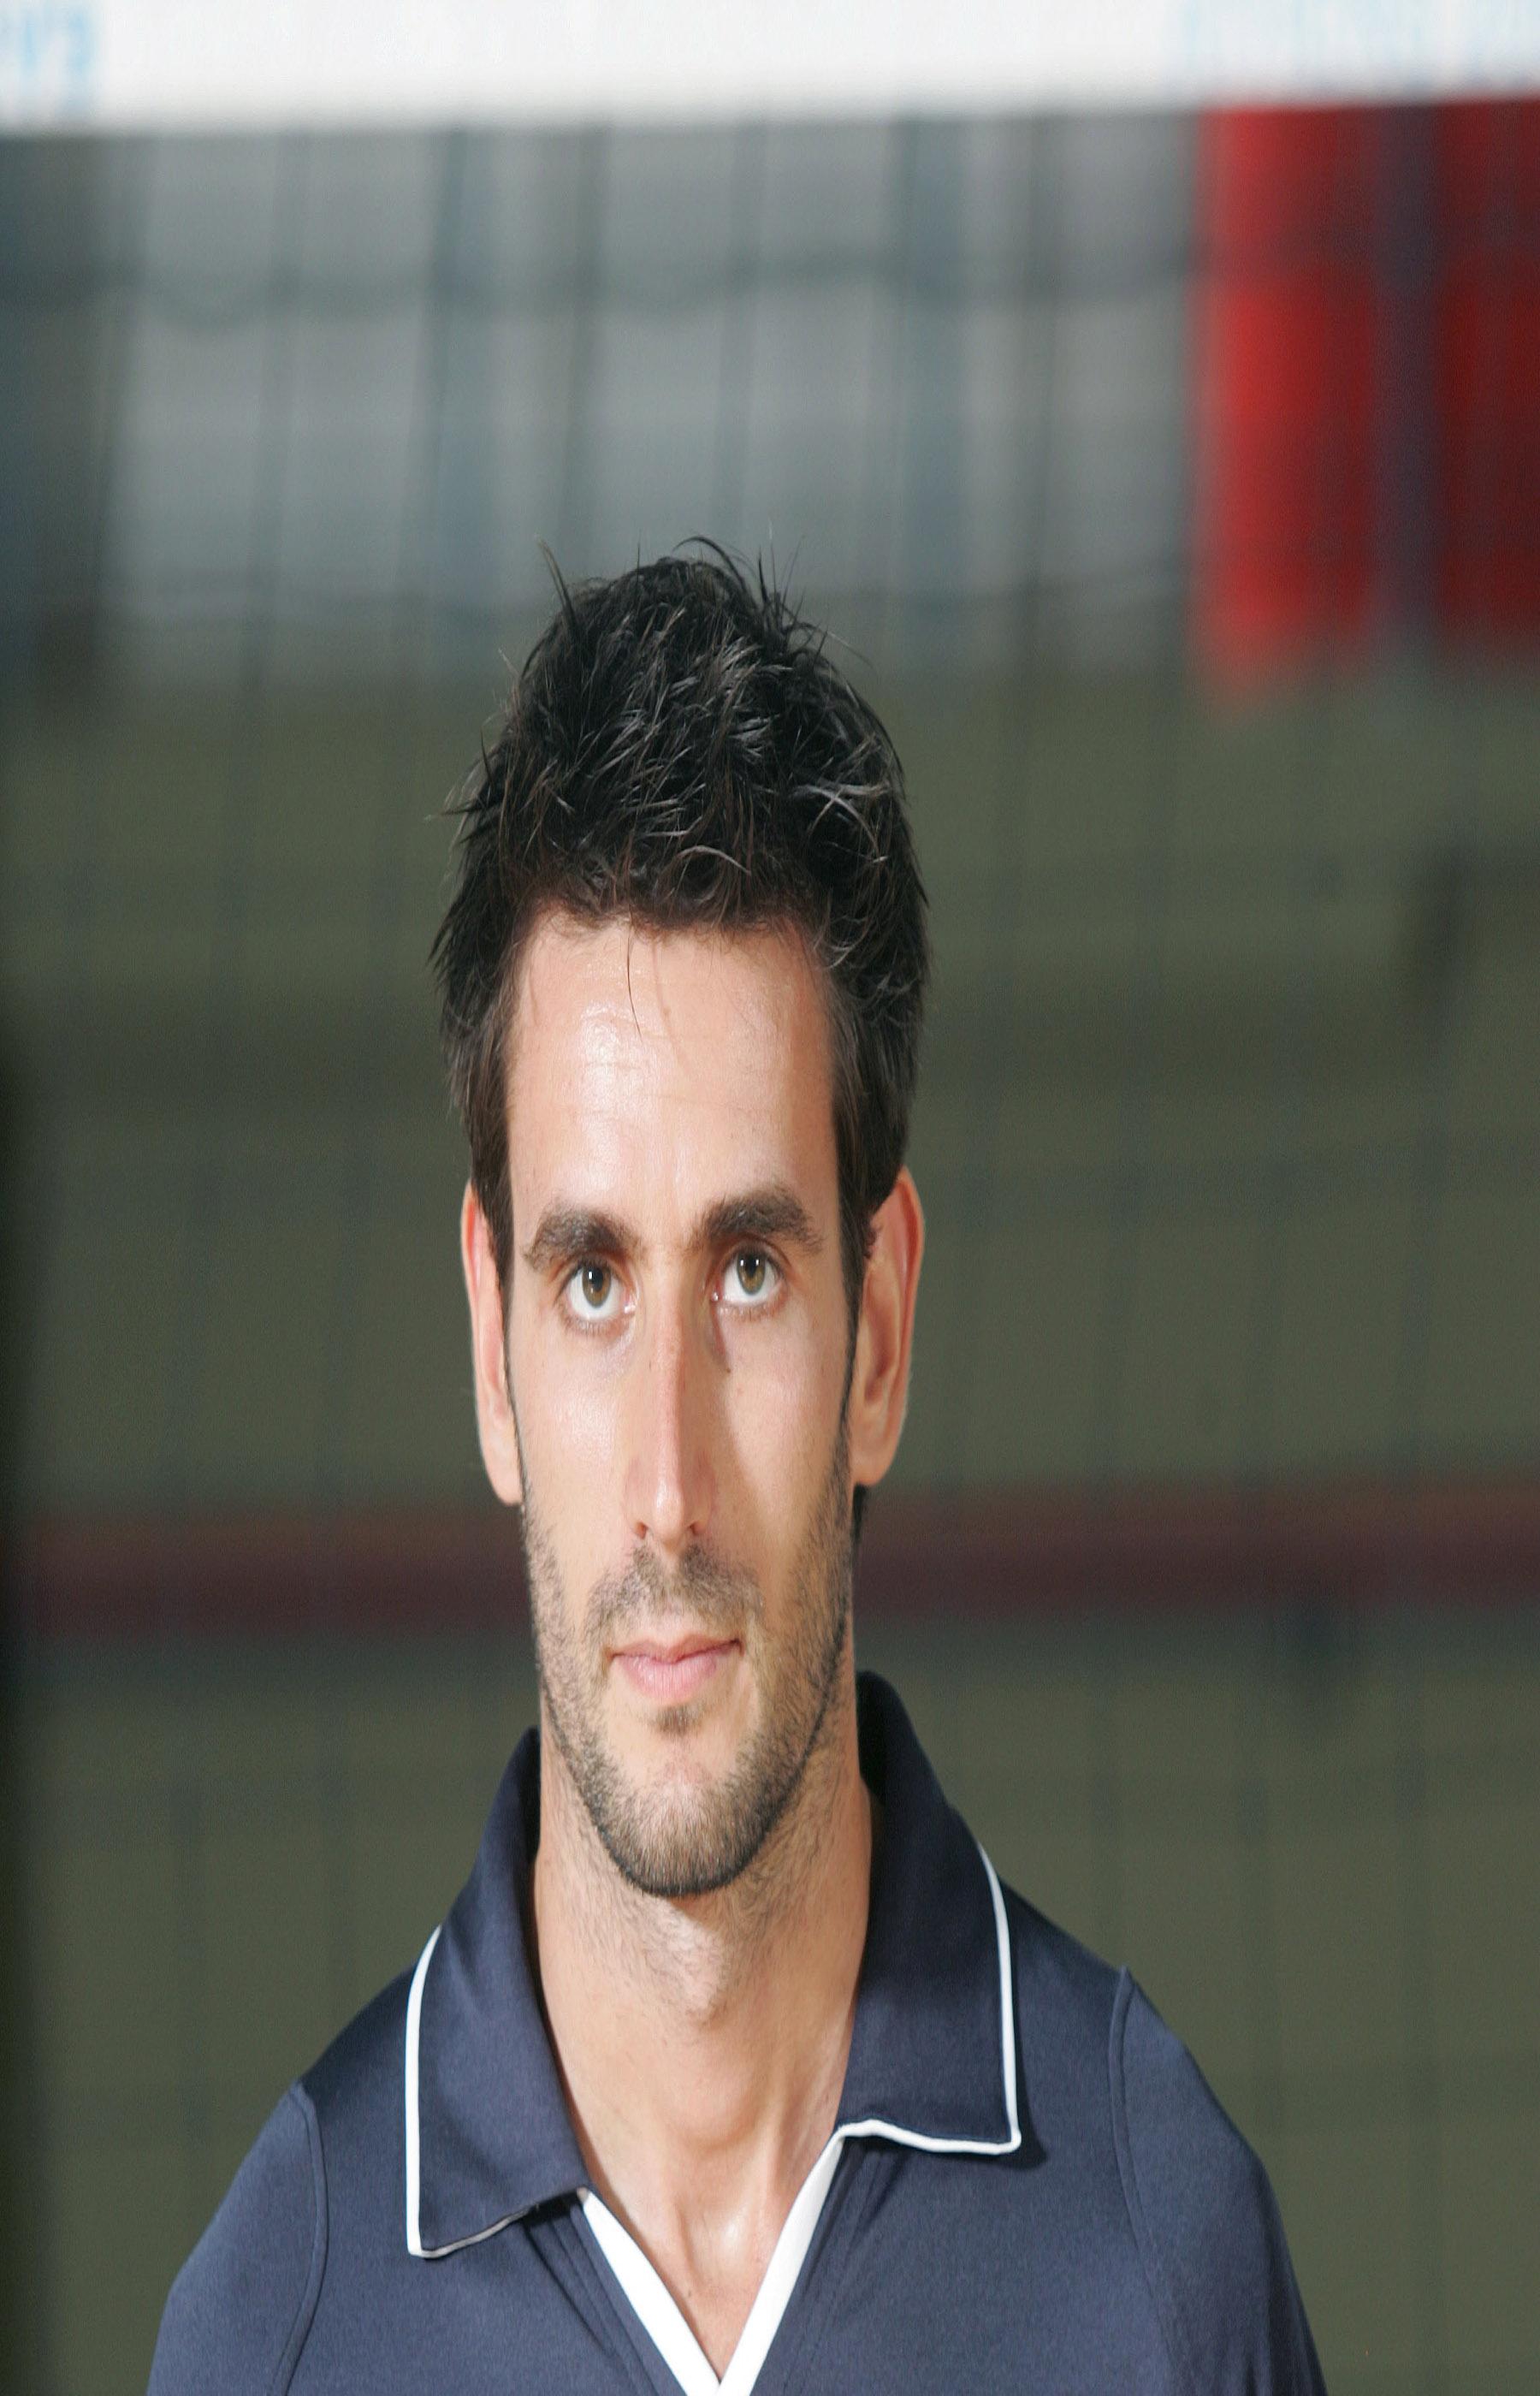 Nikolaos Smaragdis